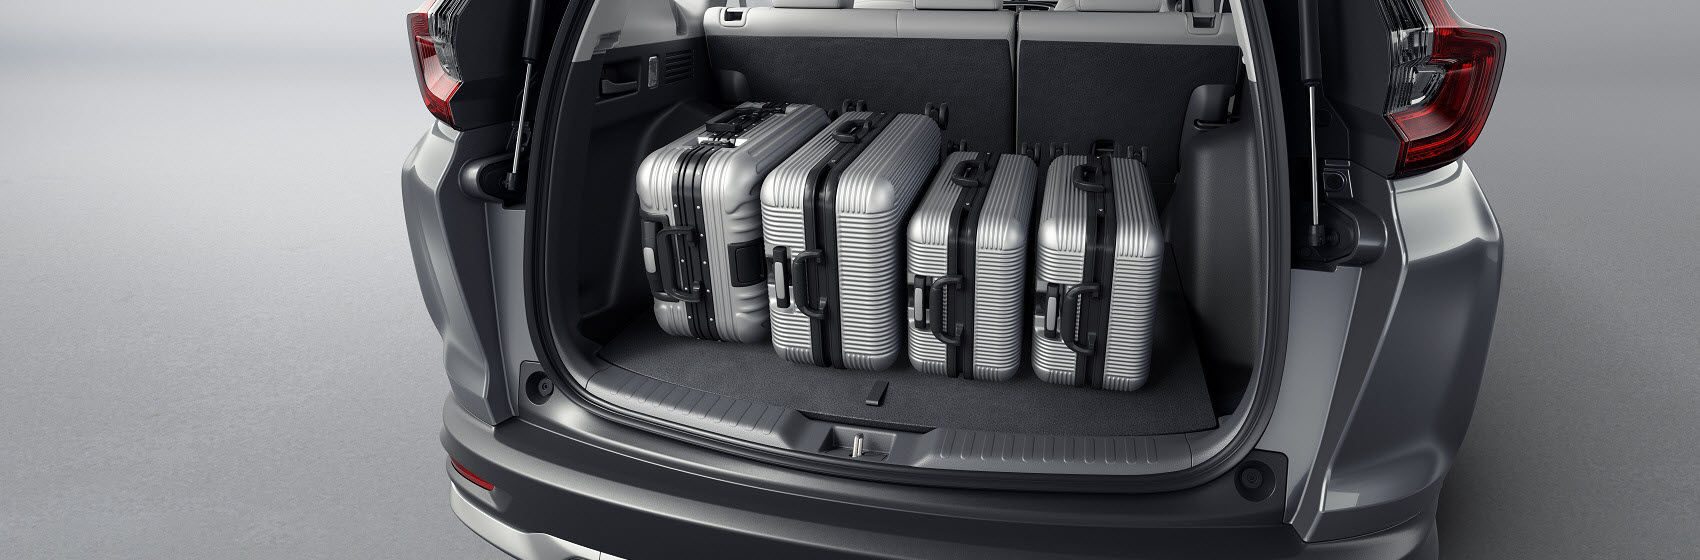 2020 Honda CR-V Cargo Space